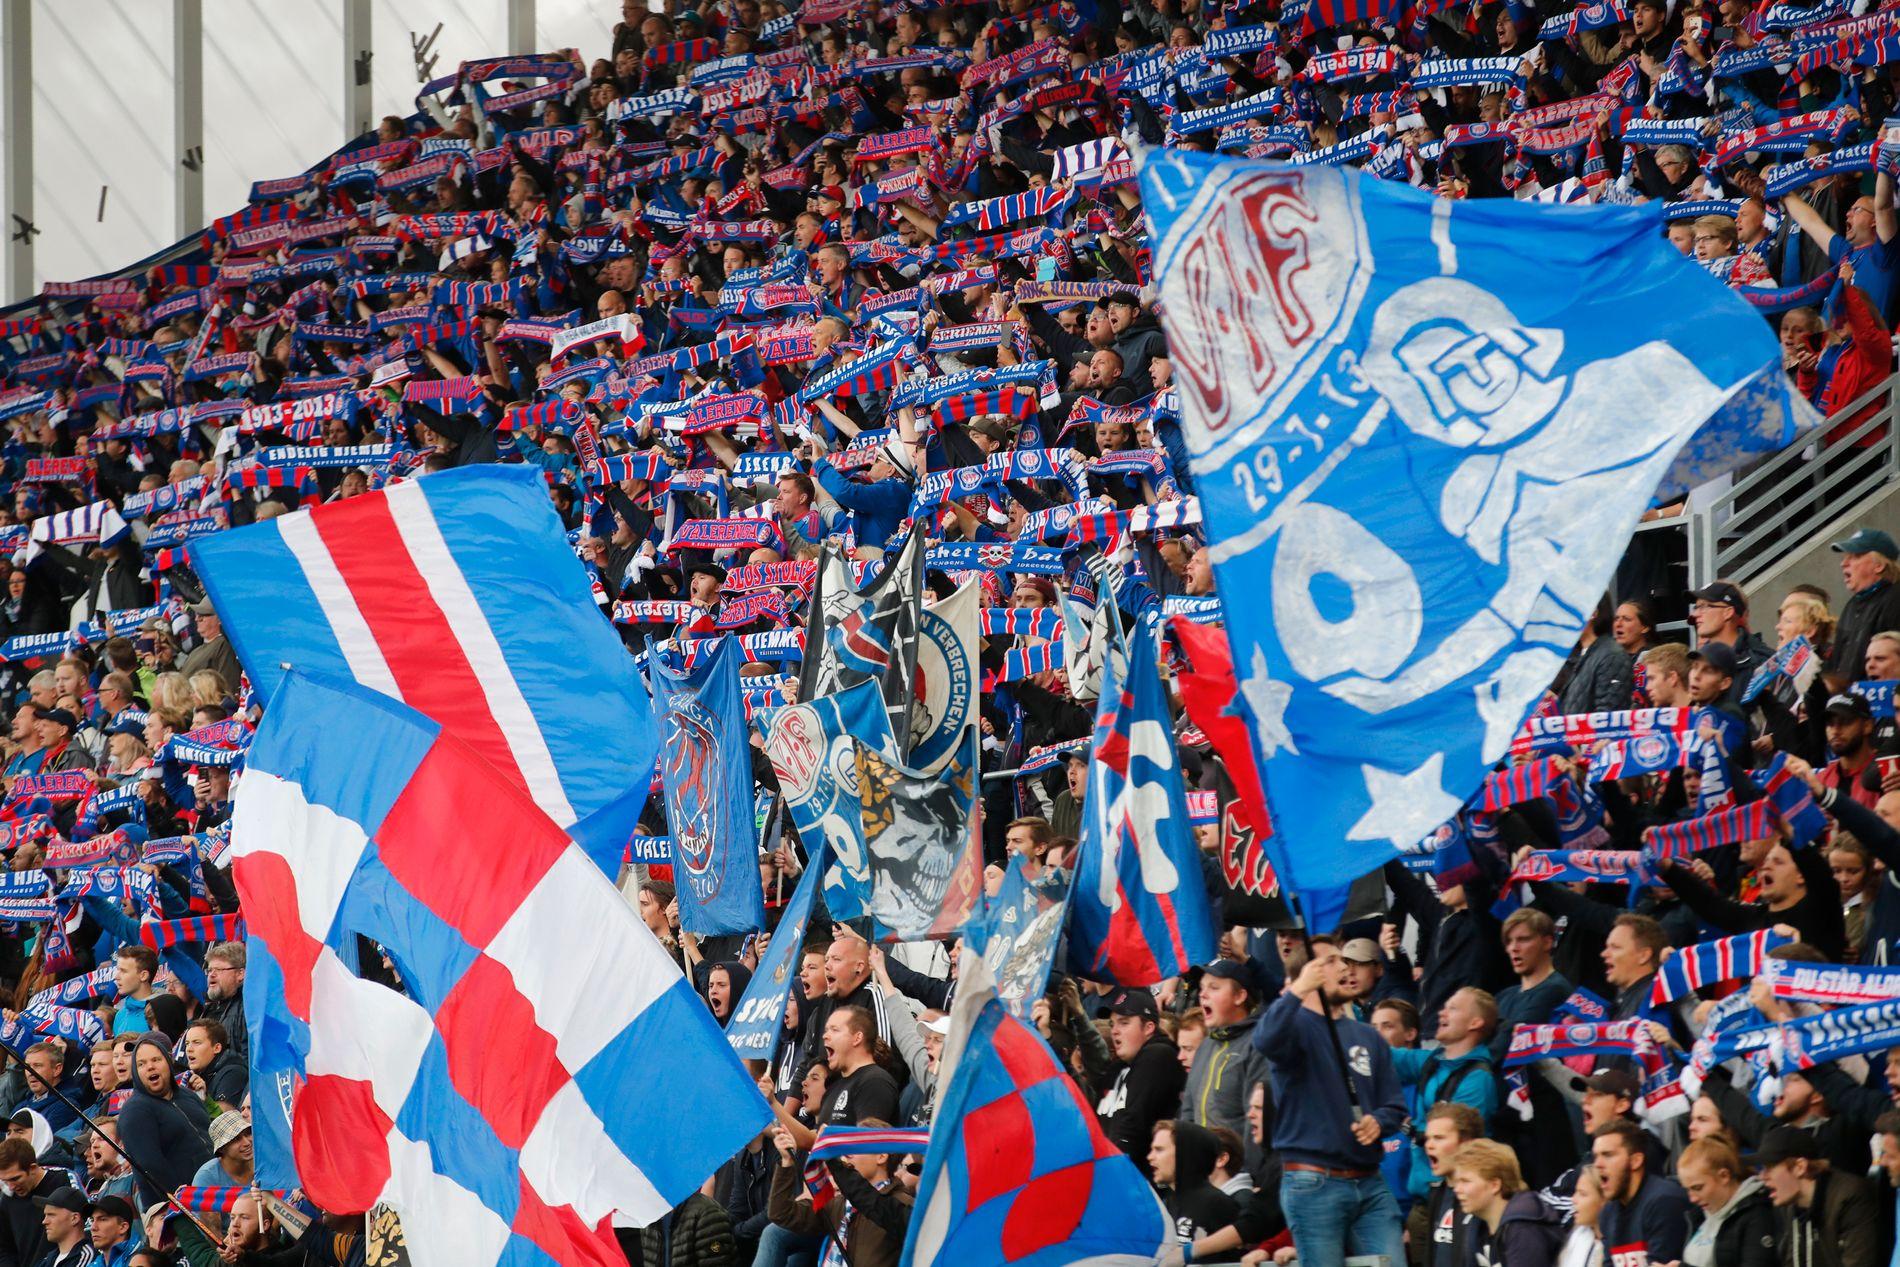 Klanens nye tribune på Vålerenga stadion er et vakkert skue når det koker av skjerf, flagg og sang. Som her før kampen mot Sarpsborg.